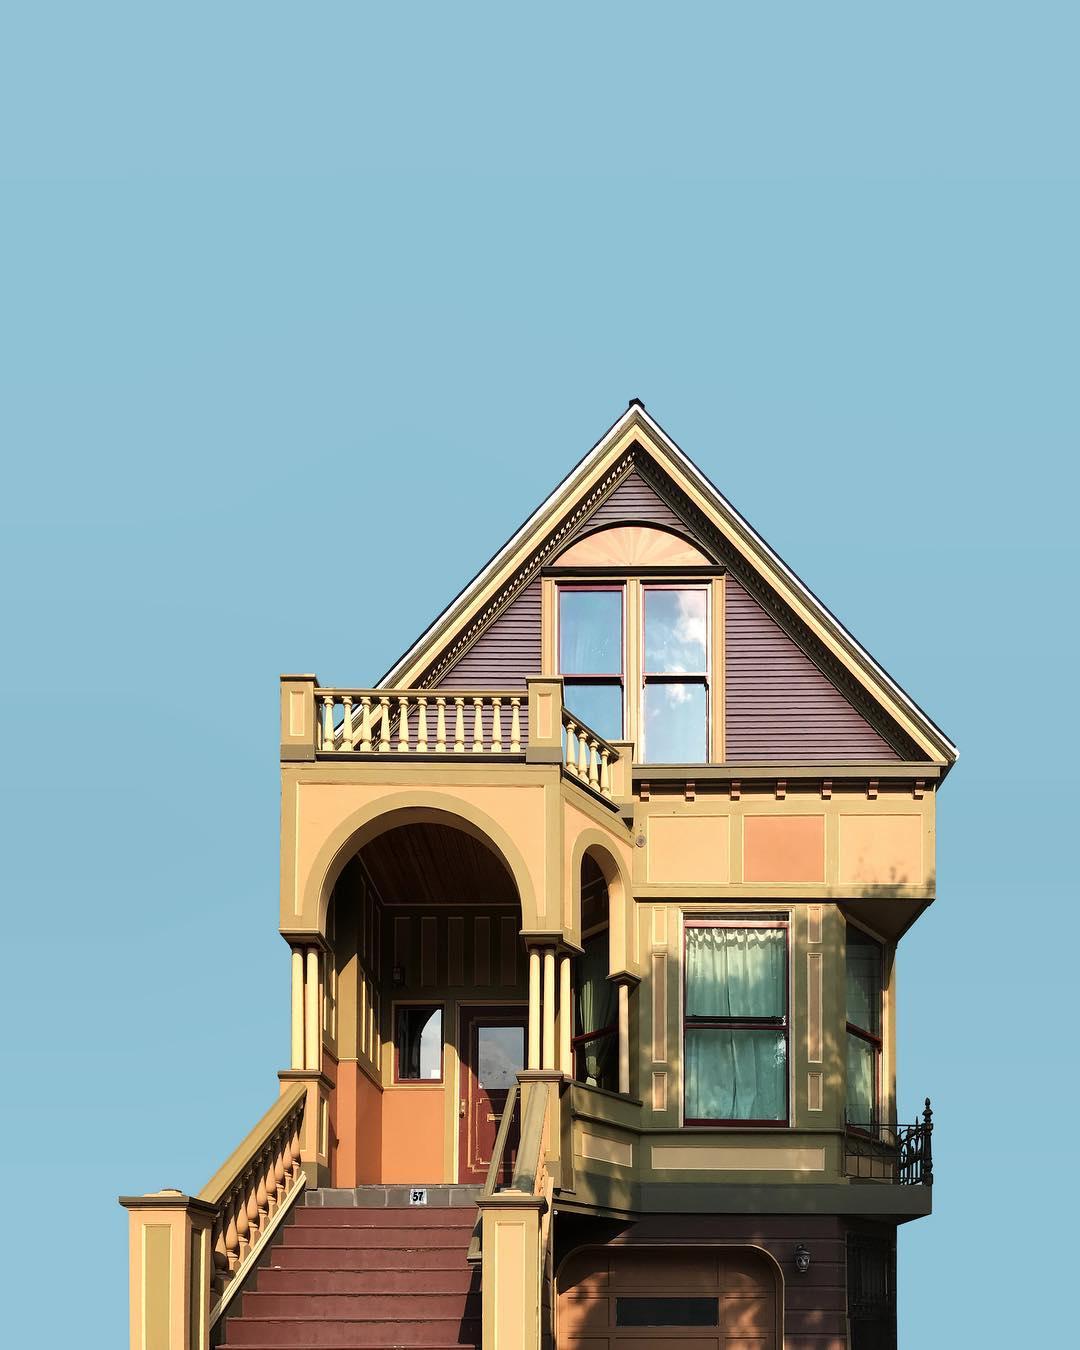 Le folli architetture di Eric Randall Morris | Collater.al 7